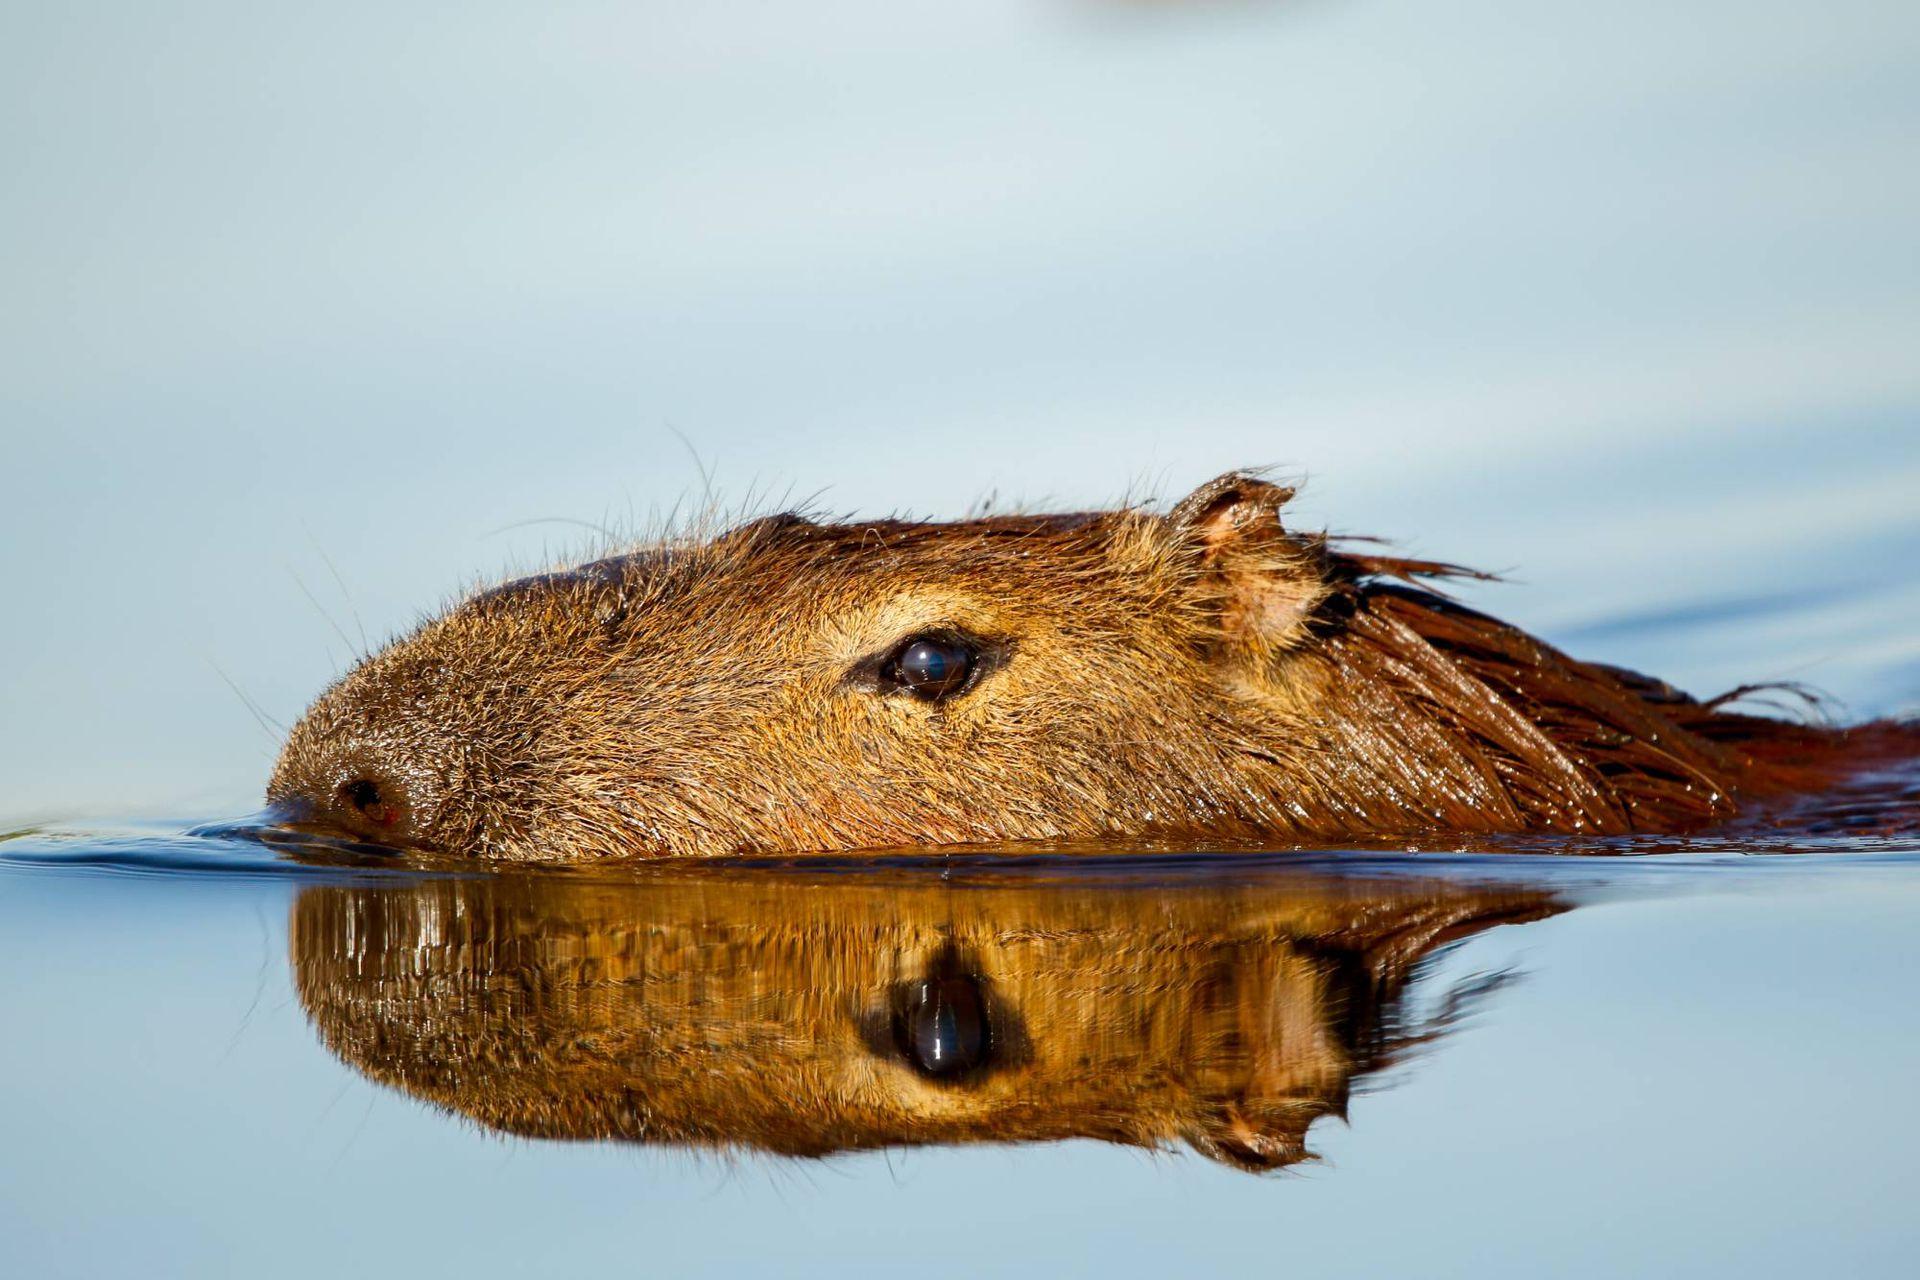 Los carpinchos tienen los ojos, orejas y orificios nasales al mismo nivel, para asomar levemente la cabeza para respirar y ver, mientras se mantienen ocultos en el agua.